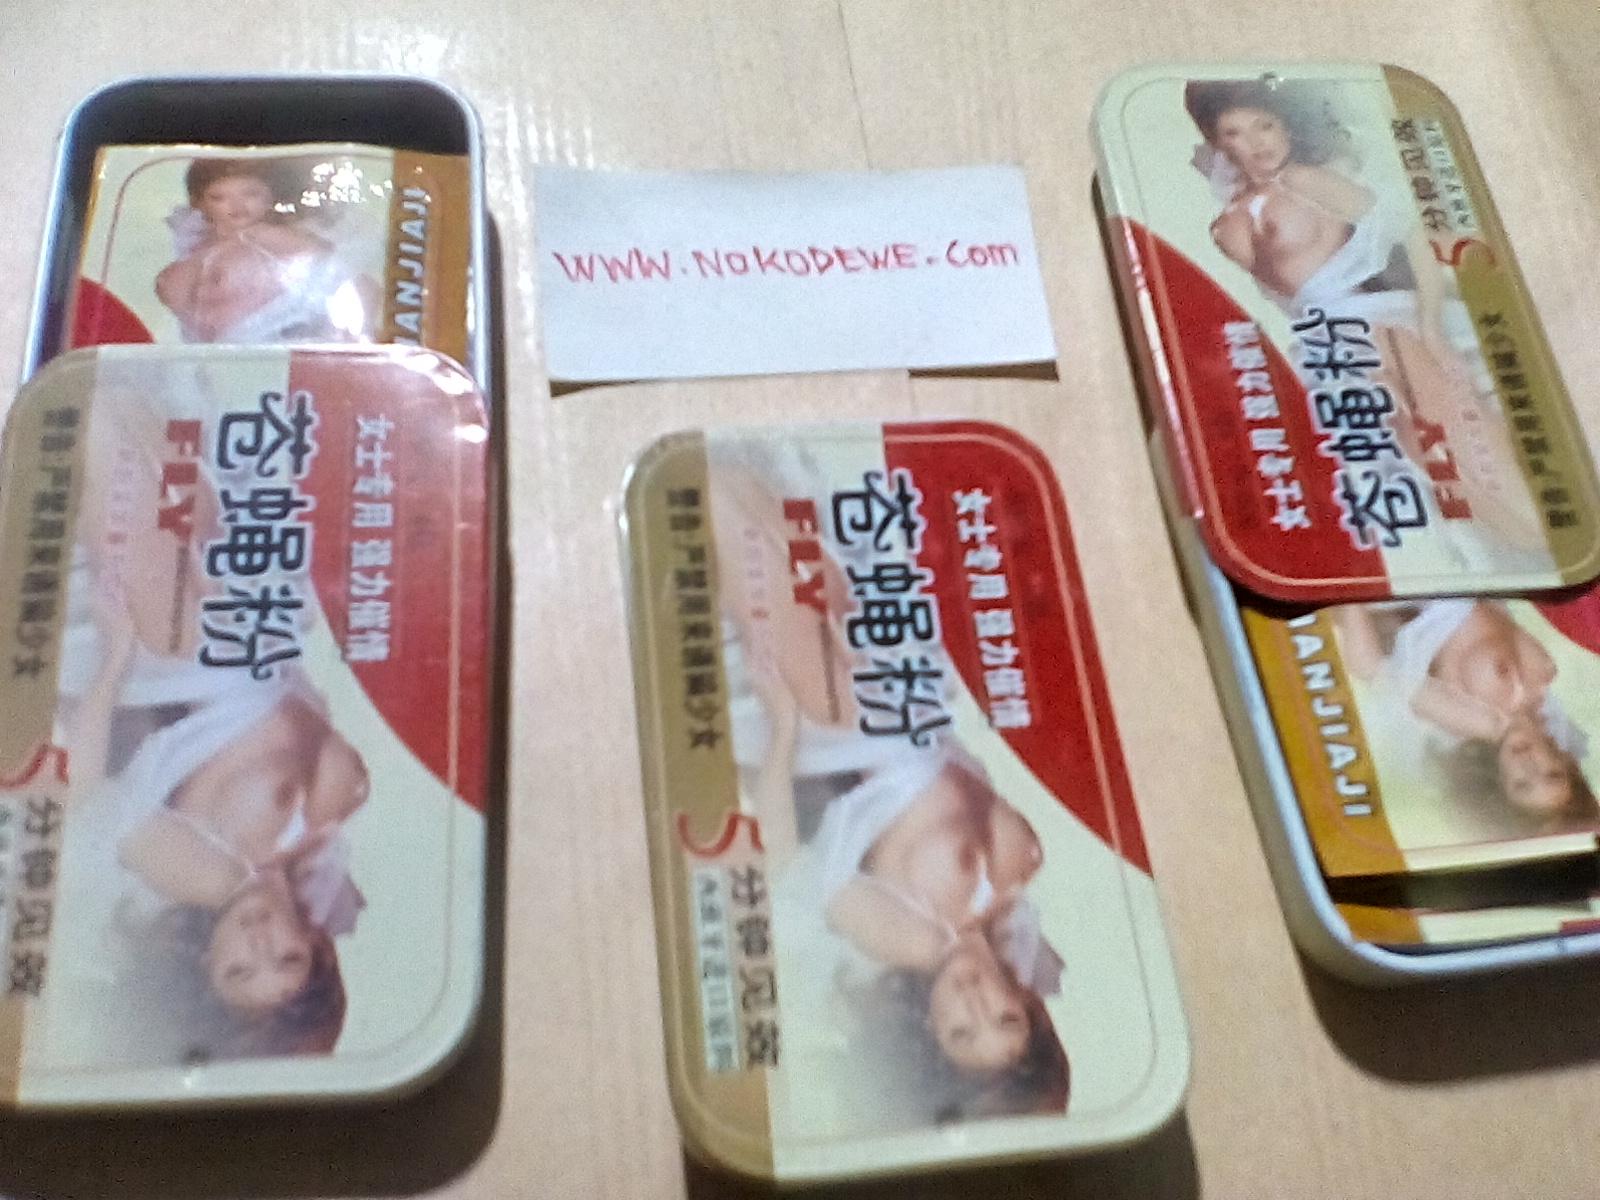 toko obat perangsang di surabaya agen perangsang hub 081235085150